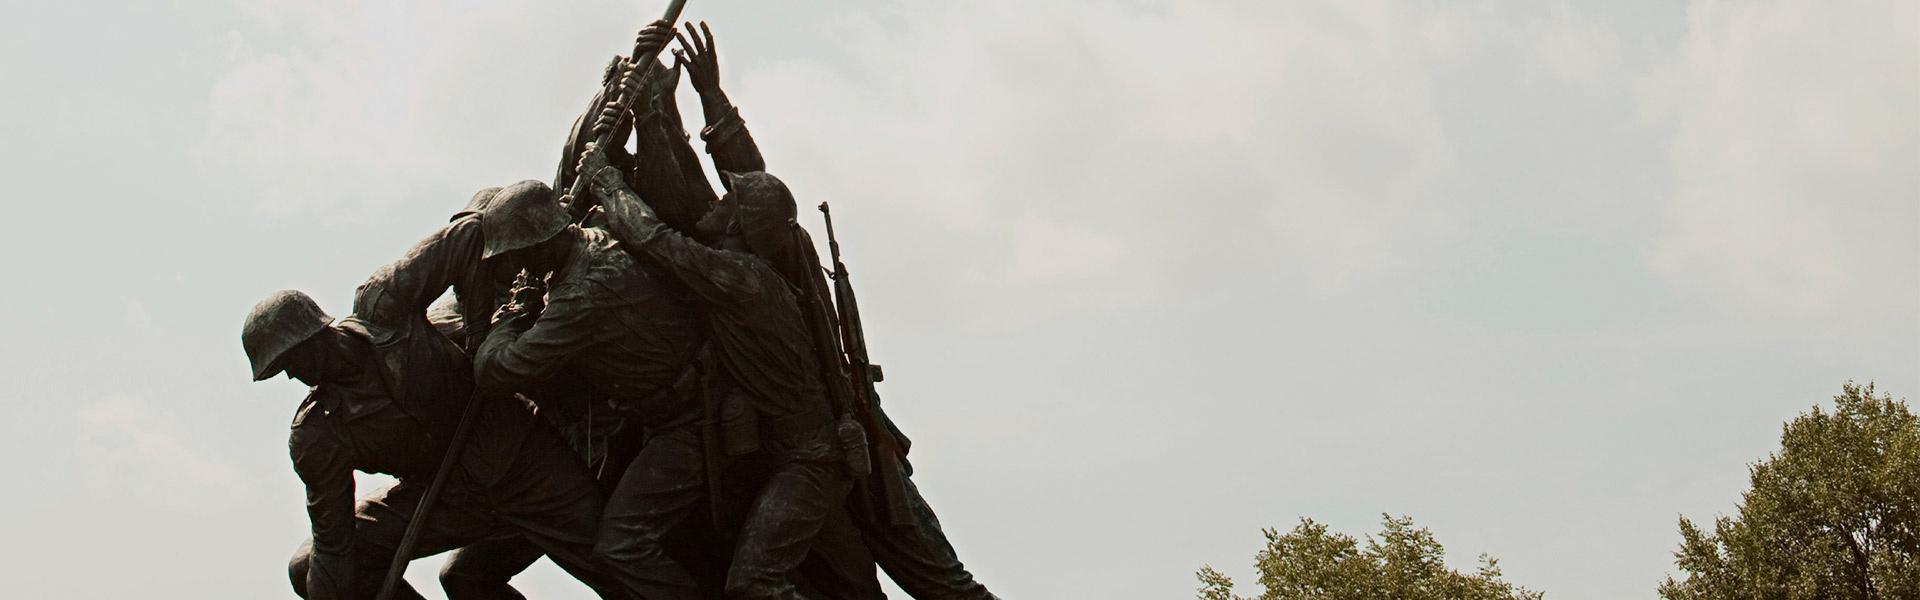 Iwo Jima War Memorial in Washington DC